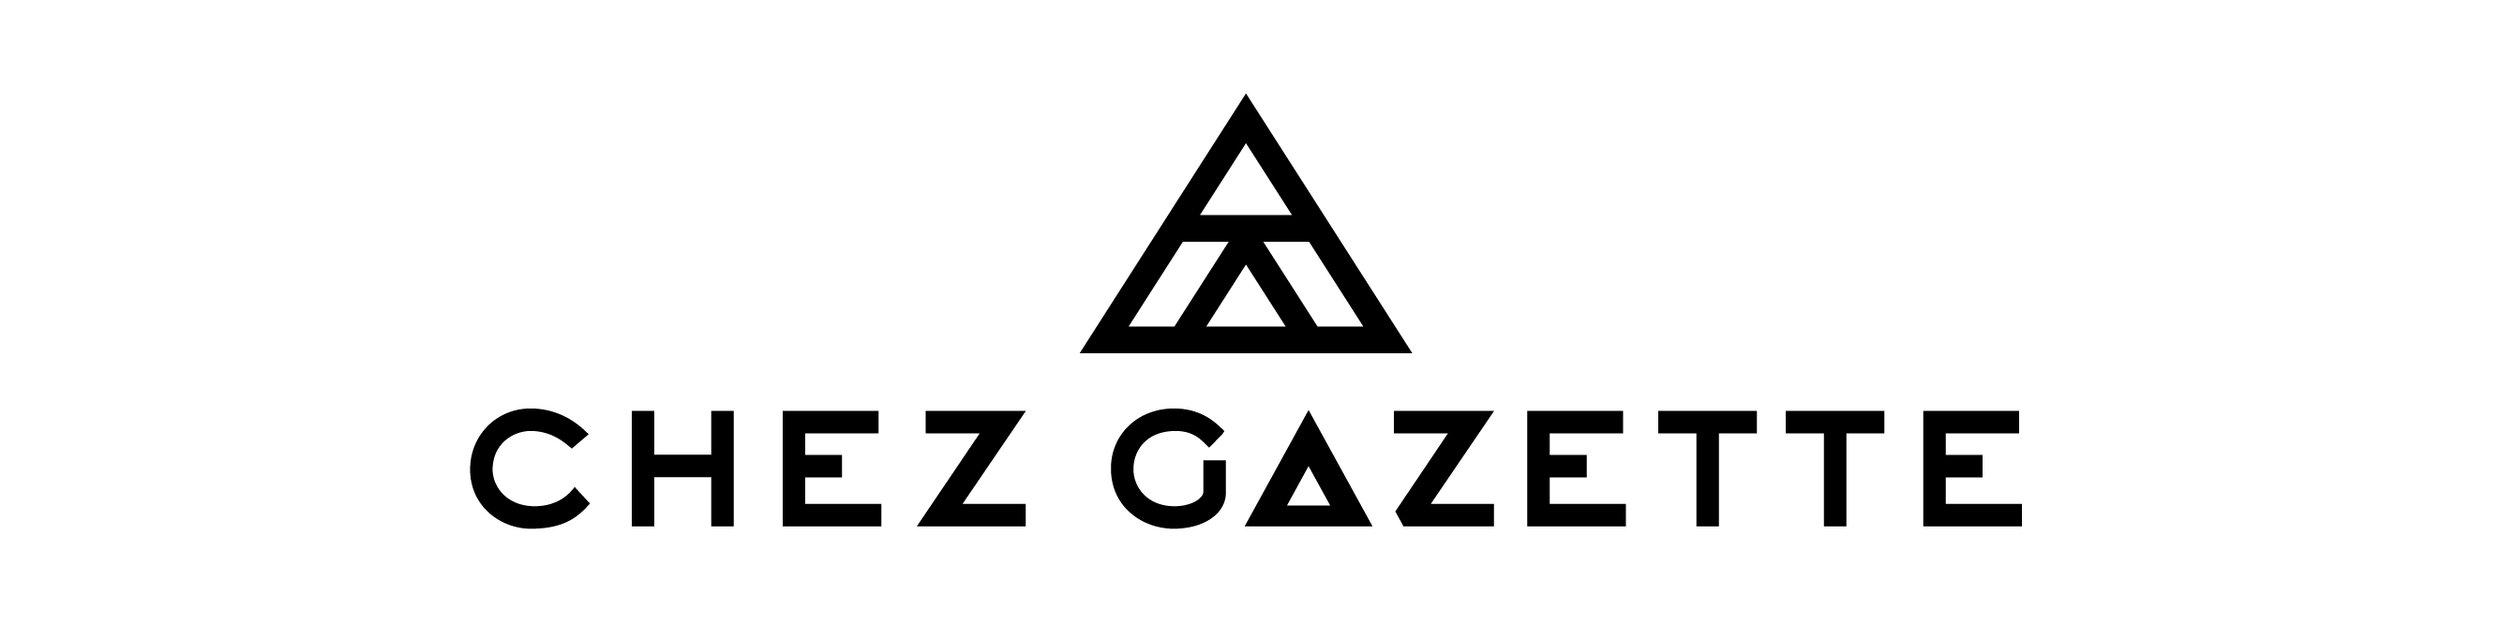 CHEZ GAZETTE.jpg